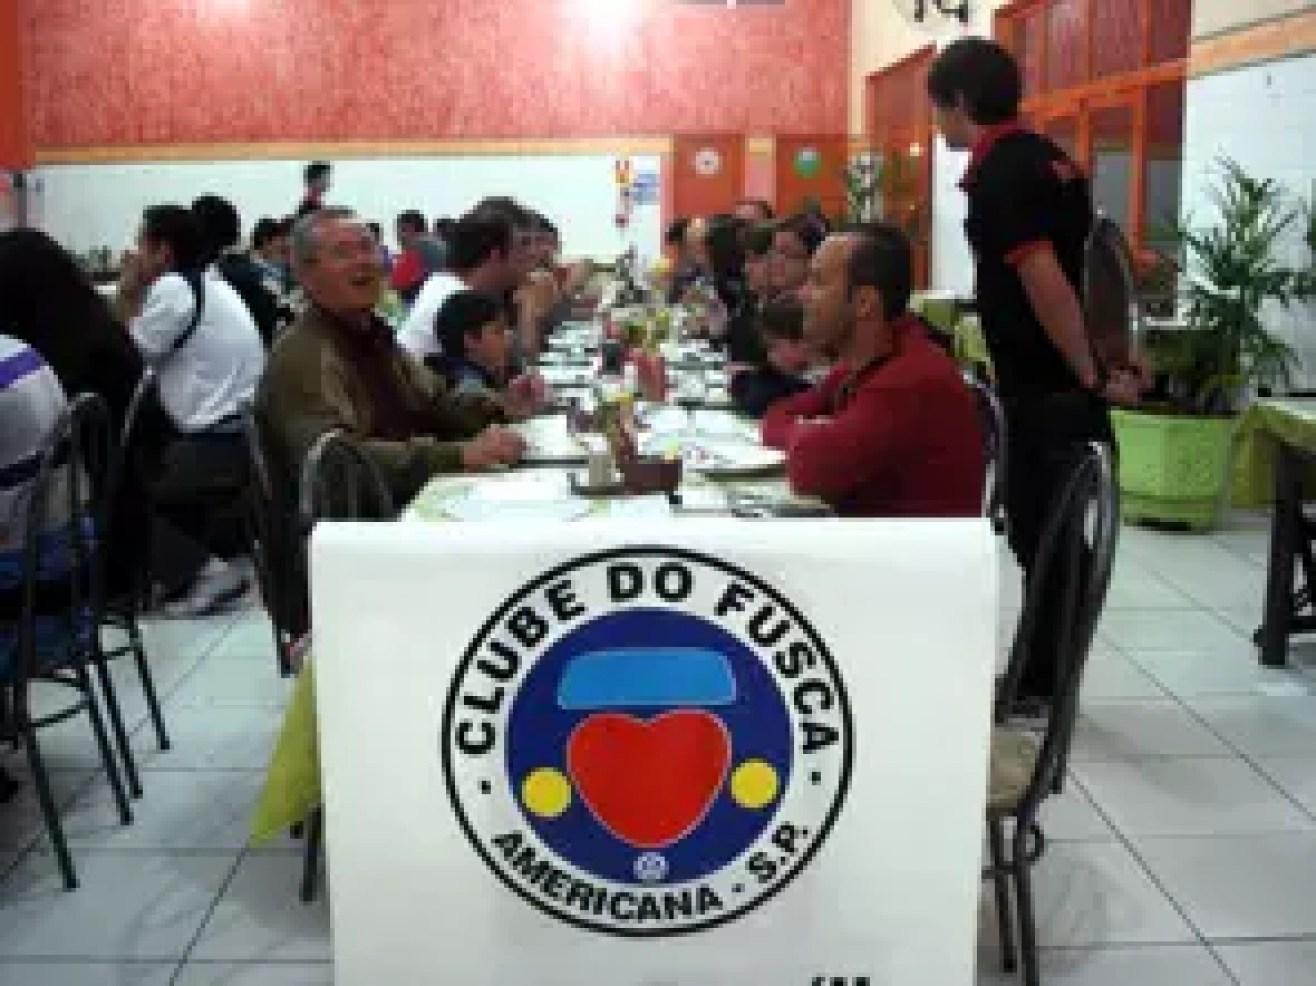 Jantar do DMF 2012 do Clube do Fusca de Americana